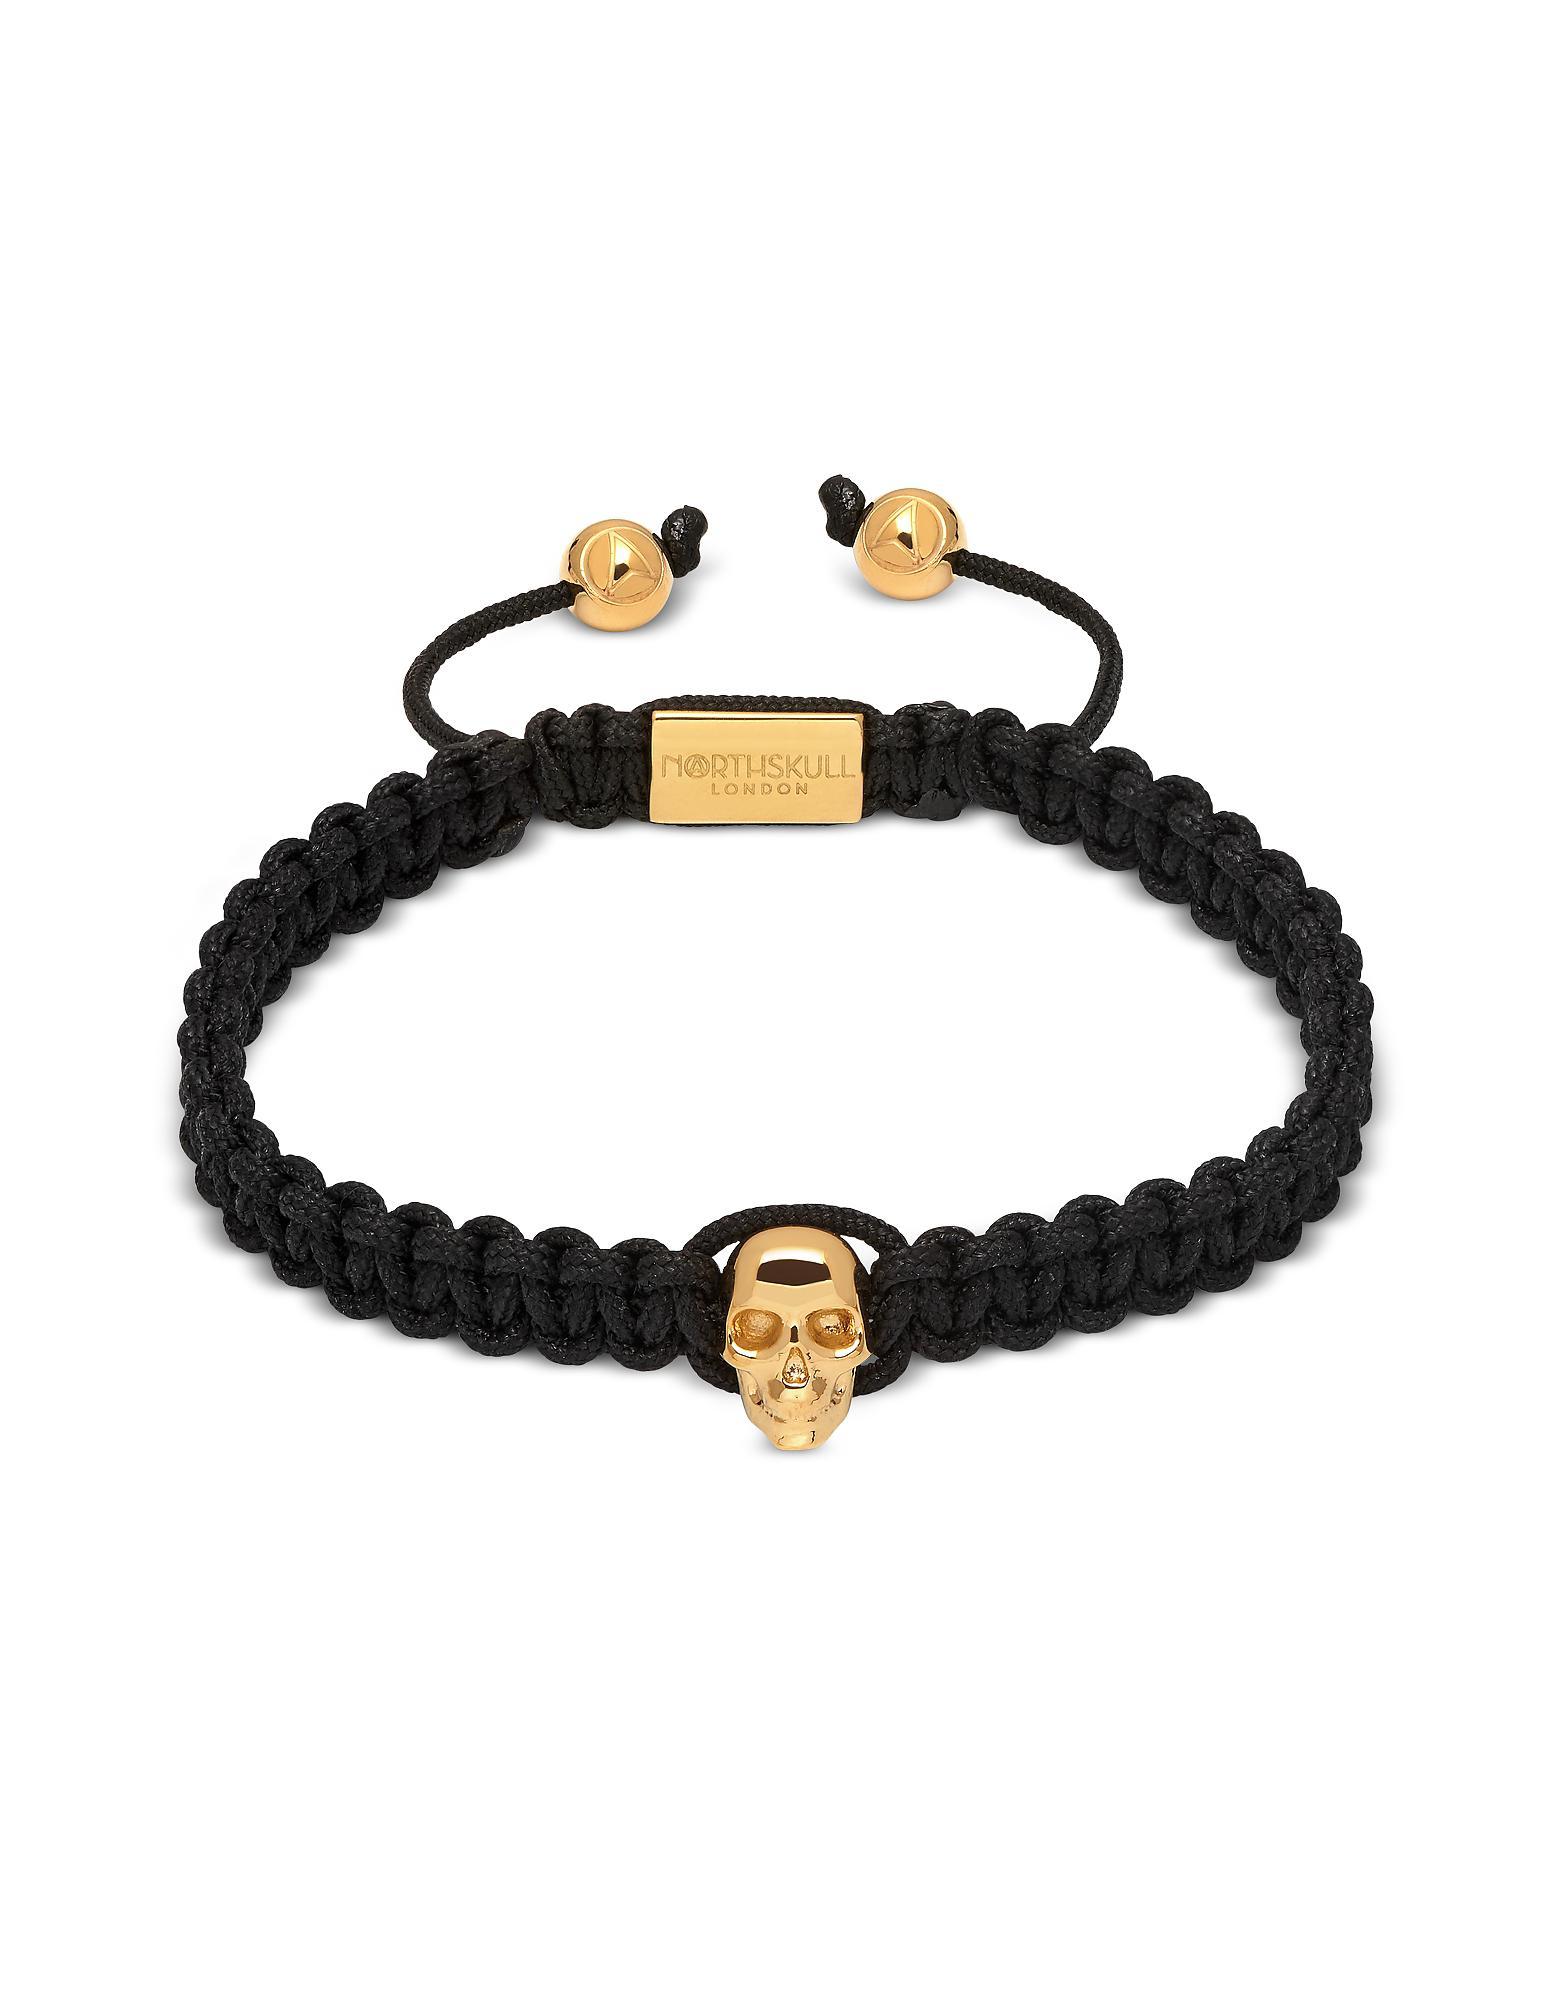 7f29a50faa69 Northskull - Atticus Skull Macramé Bracelet In Black And Yellow Gold for  Men - Lyst. Ver en pantalla completa